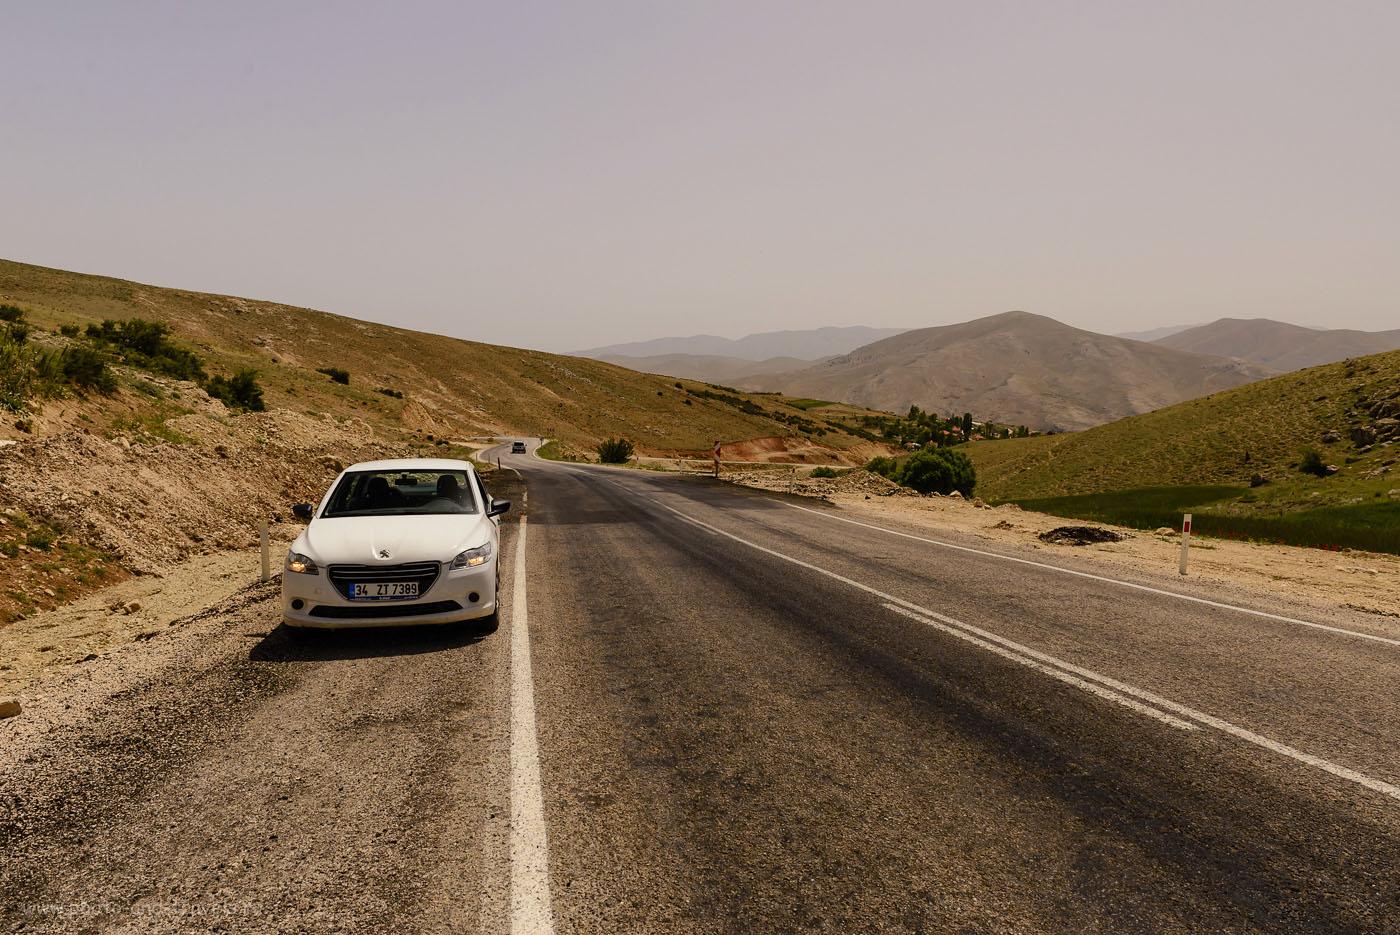 Фотография 29. Полупустыня по пути в Памуккале из Кемера и Чиралы. 1/500, 8.0, 200, 24.